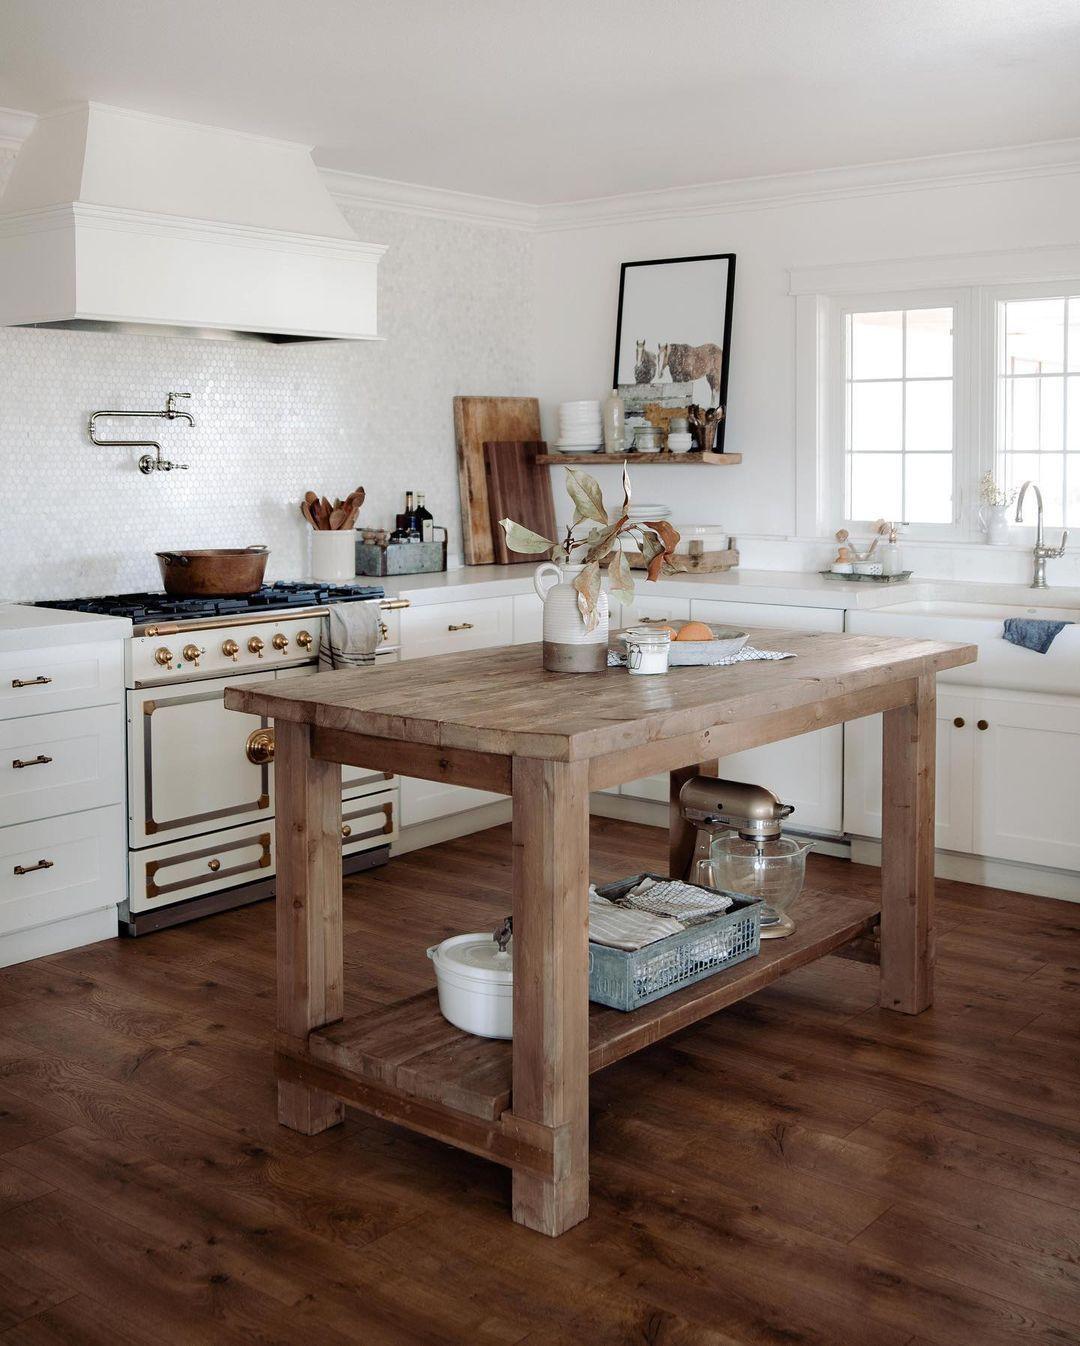 Farmhouse Kitchen Design mit Wood Kitchen Island über @boxwoodavenue